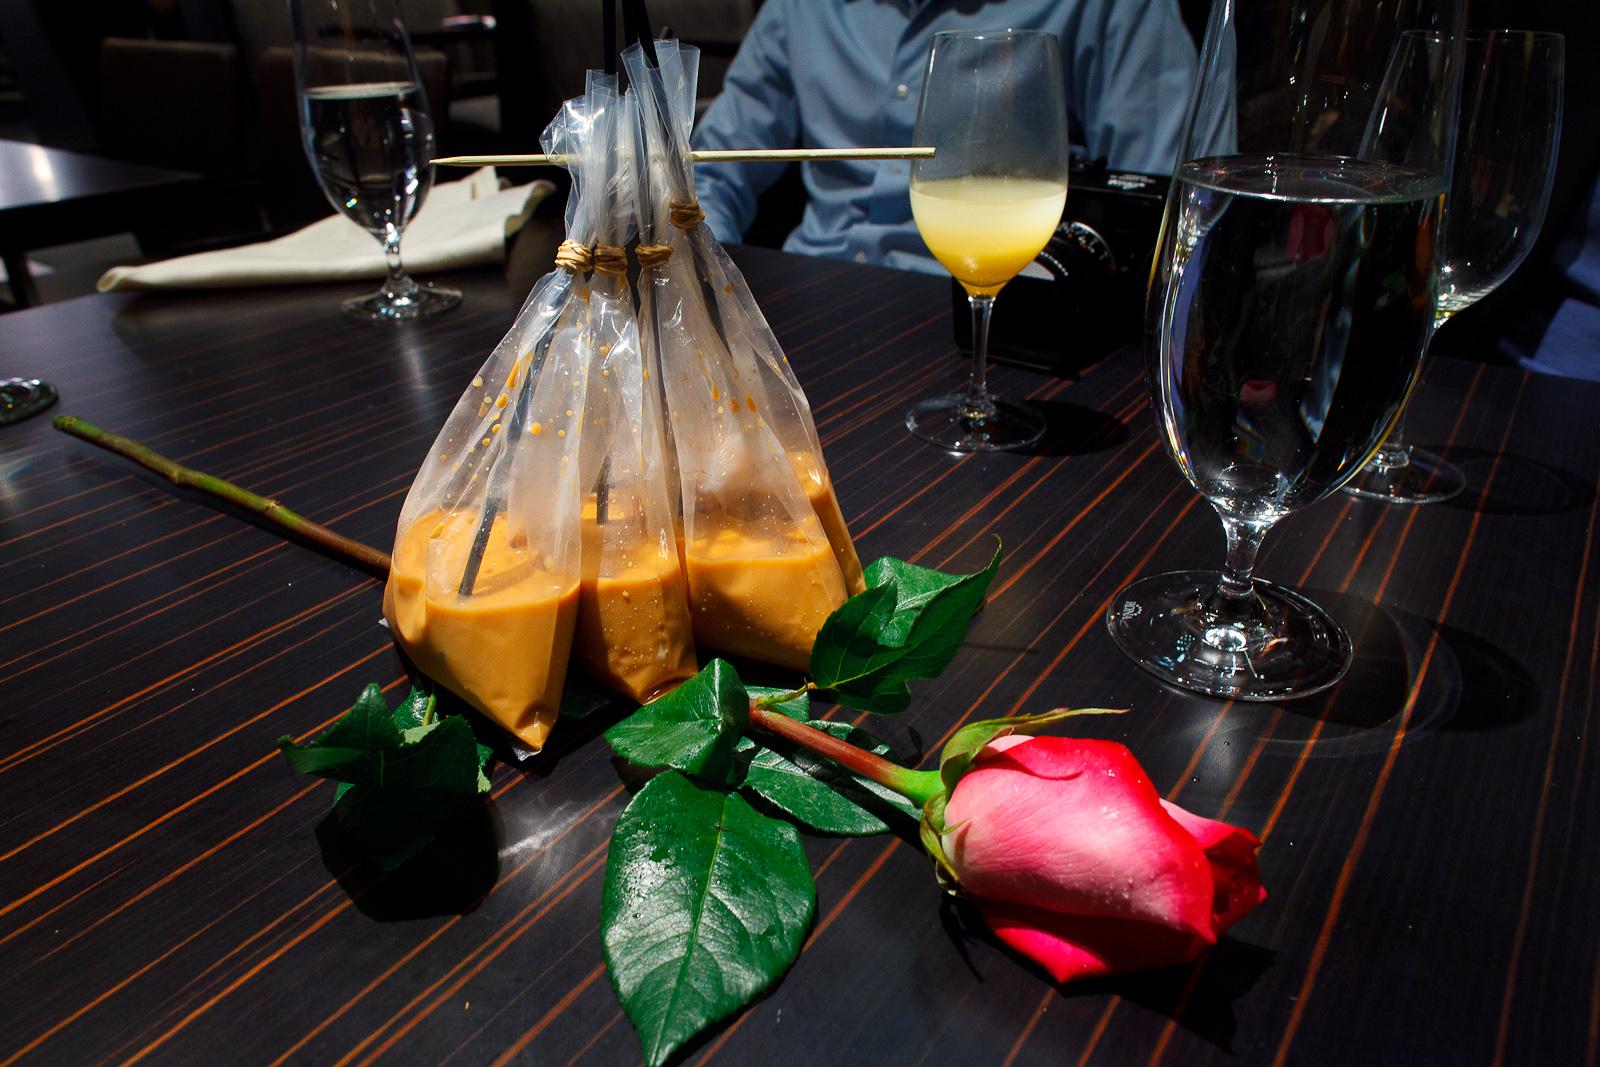 9th Course: Thai iced tea